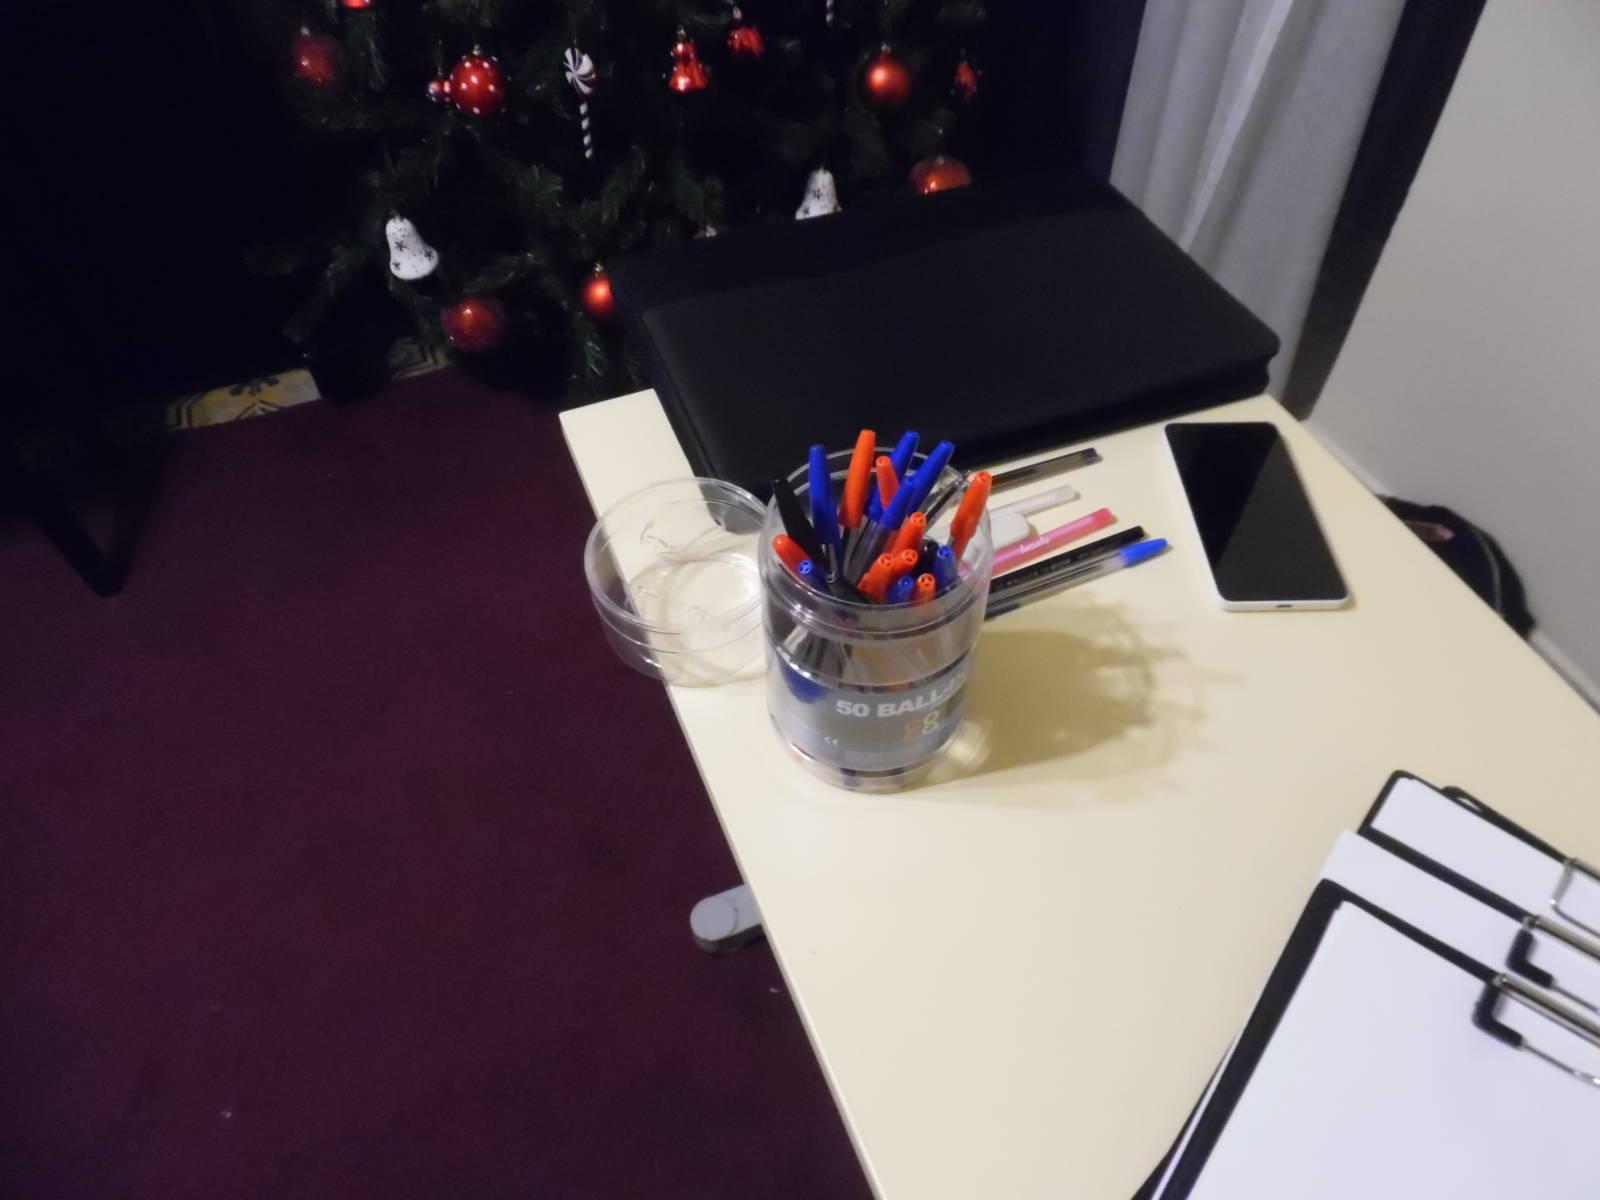 Χριστουγεννιάτικο τραπέζι 2